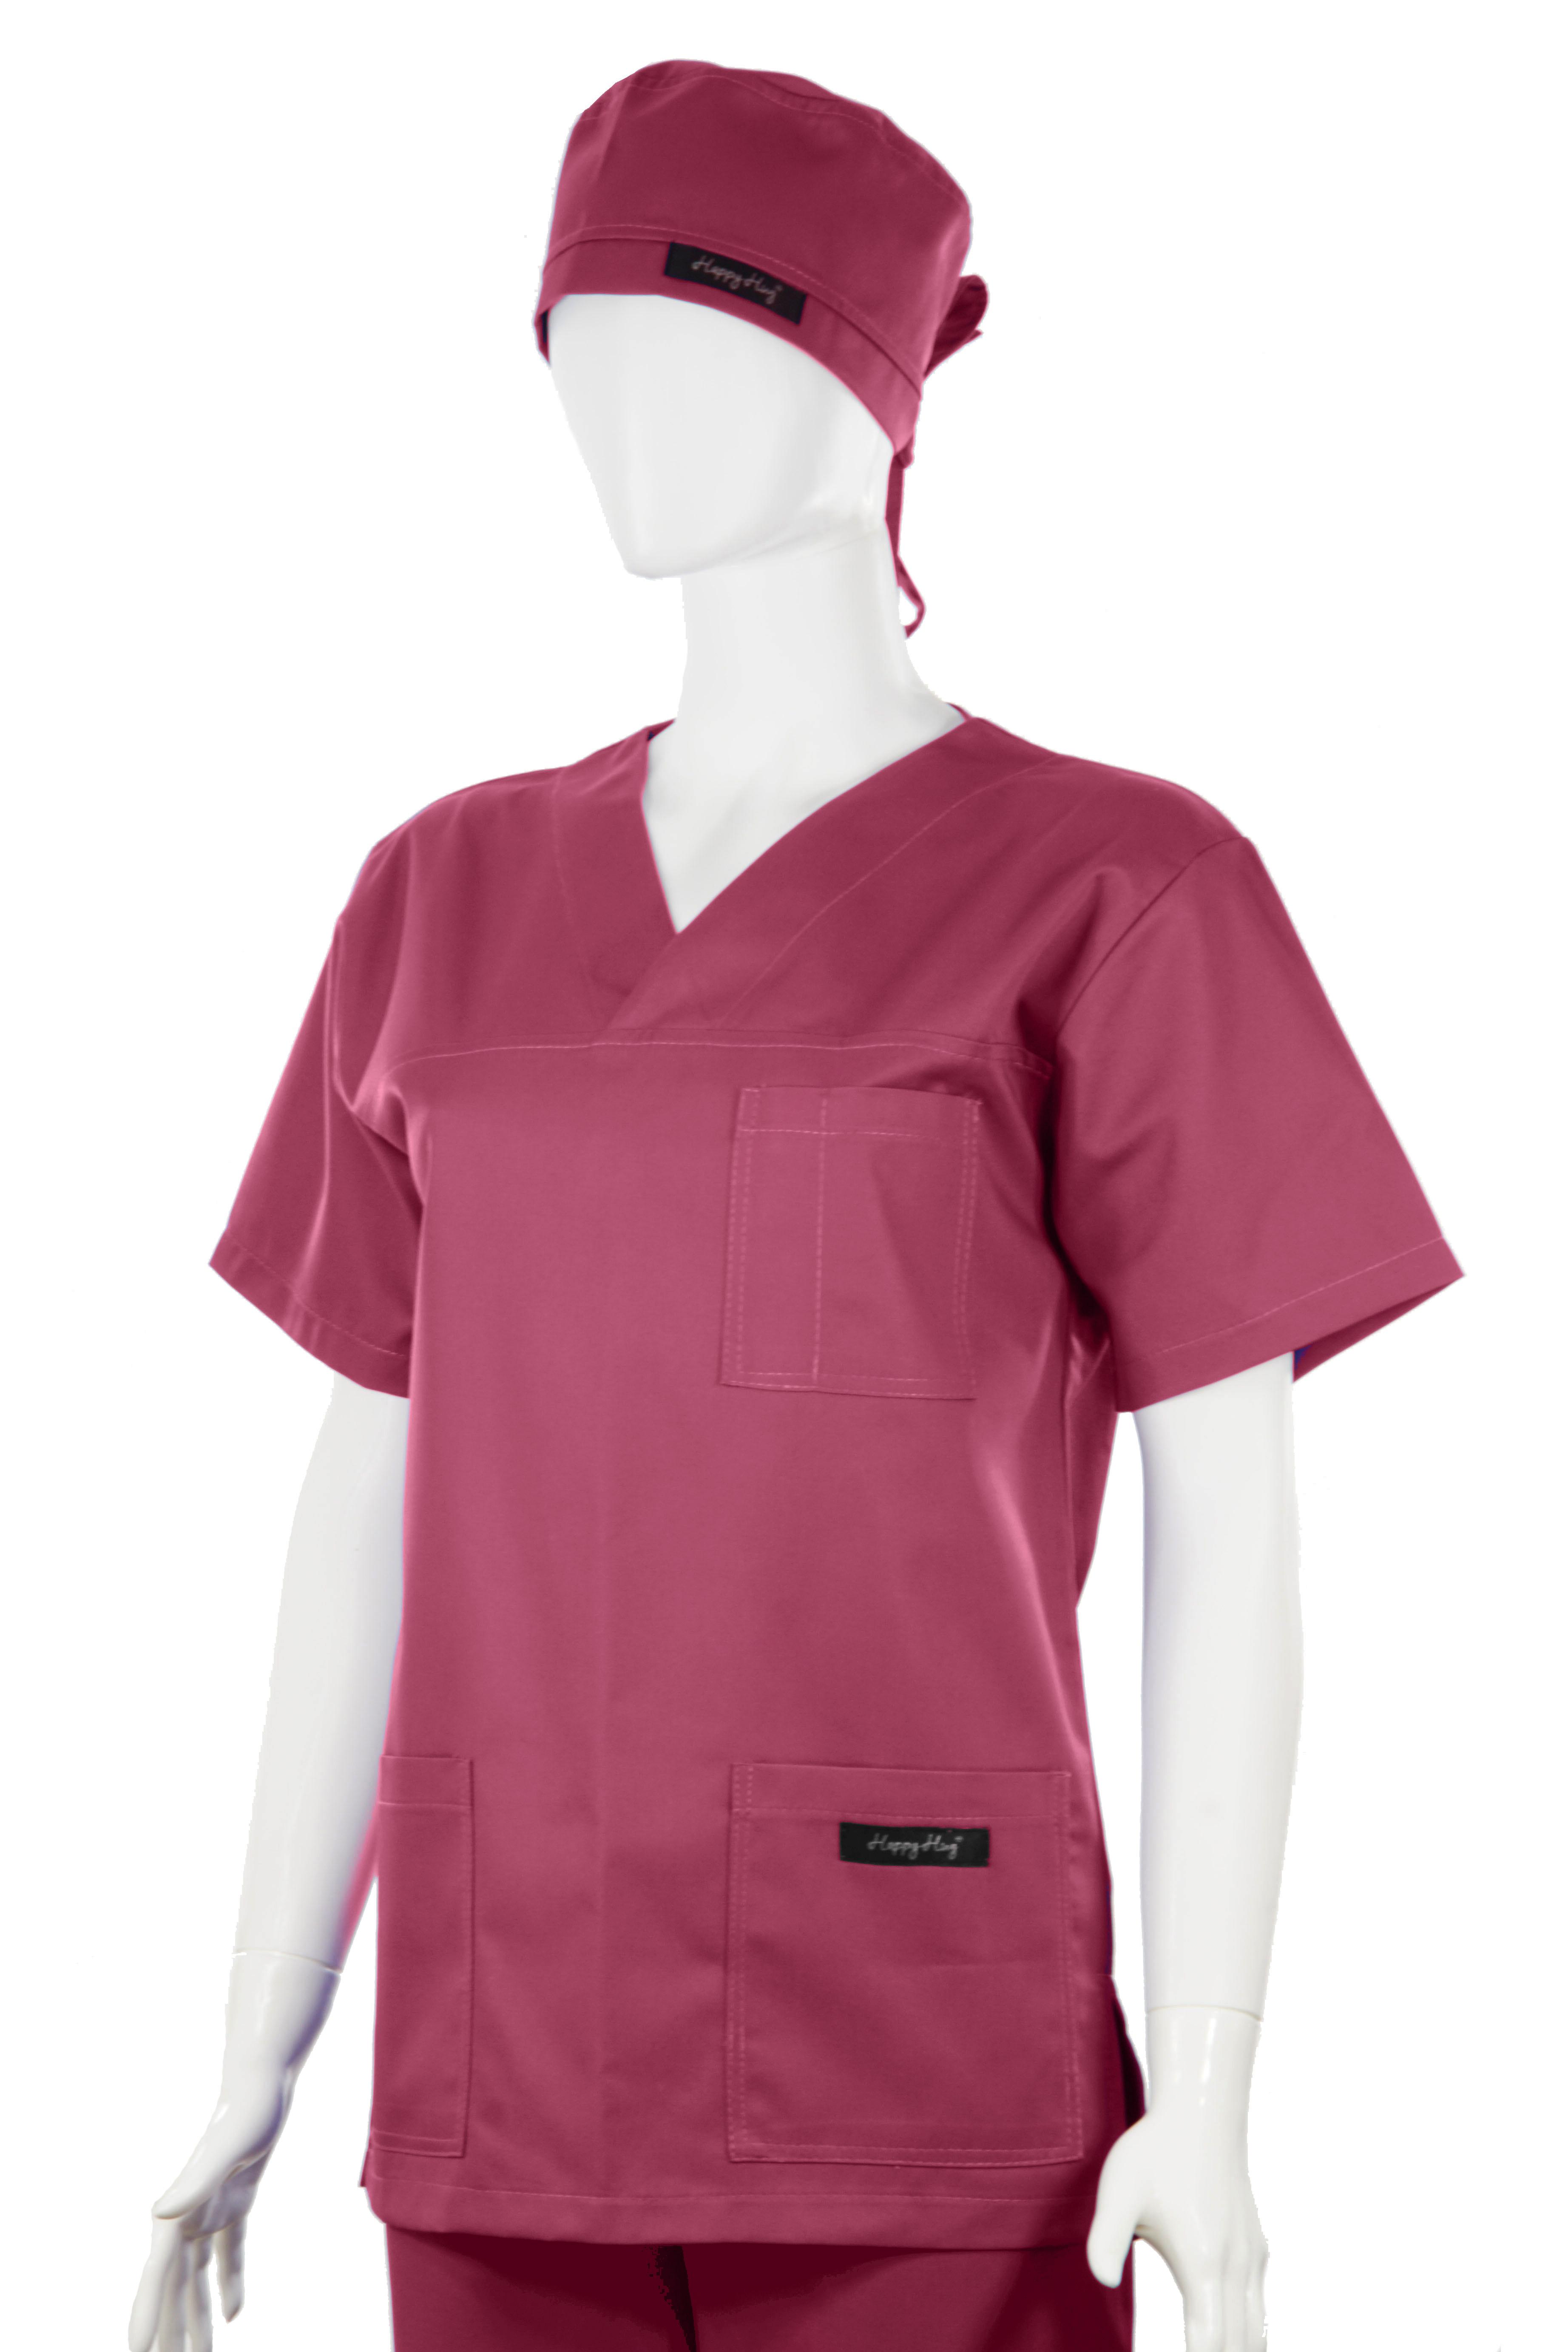 Costum Medical Unisex bordeaux 2XL 2XL [2]